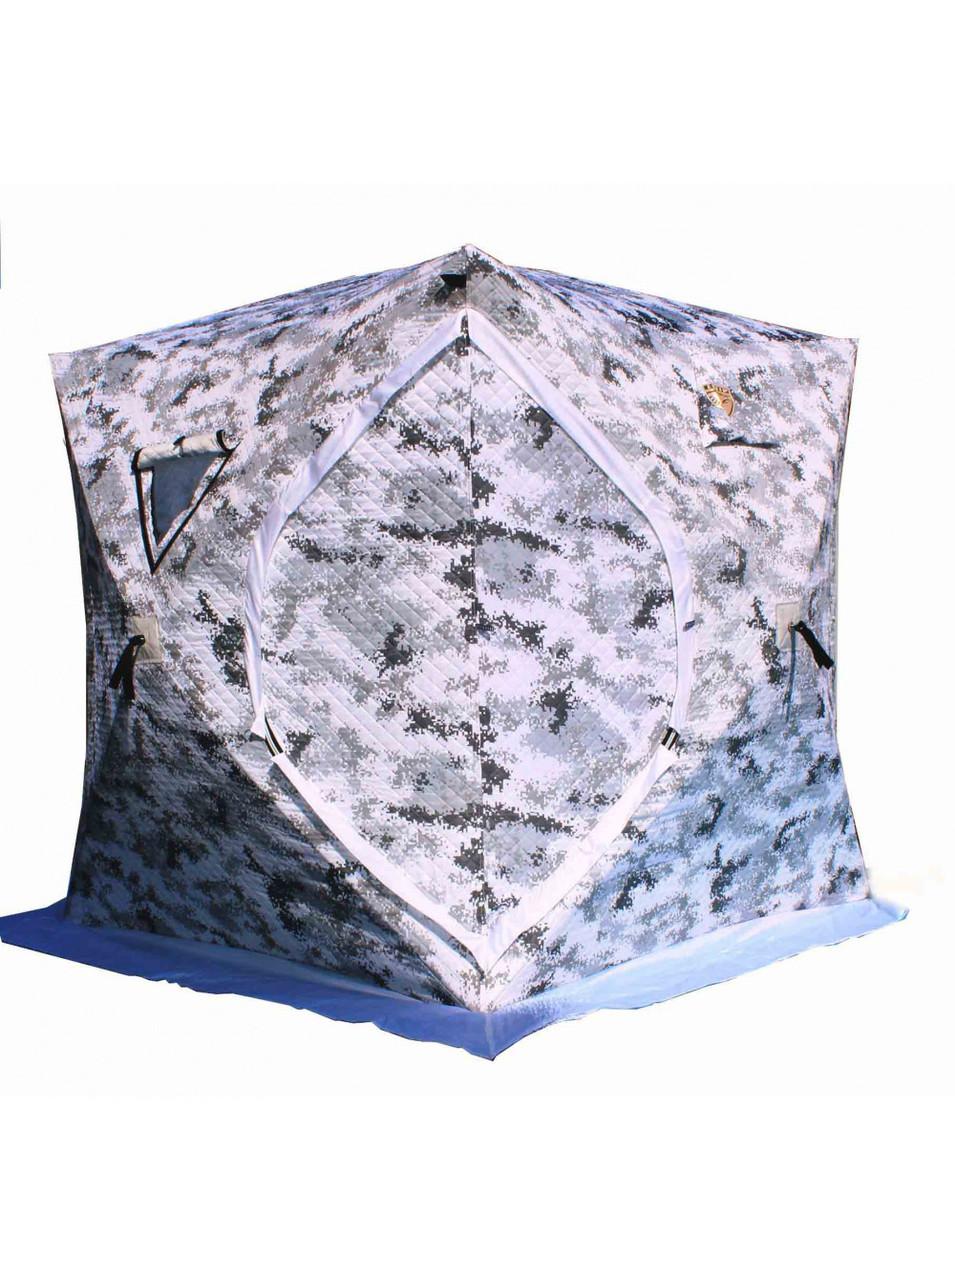 """Палатка Куб """"CONDOR"""" зимняя утепленная 1,7 х 1,7 х 1,95 белый КМФ цифра JX-0129"""